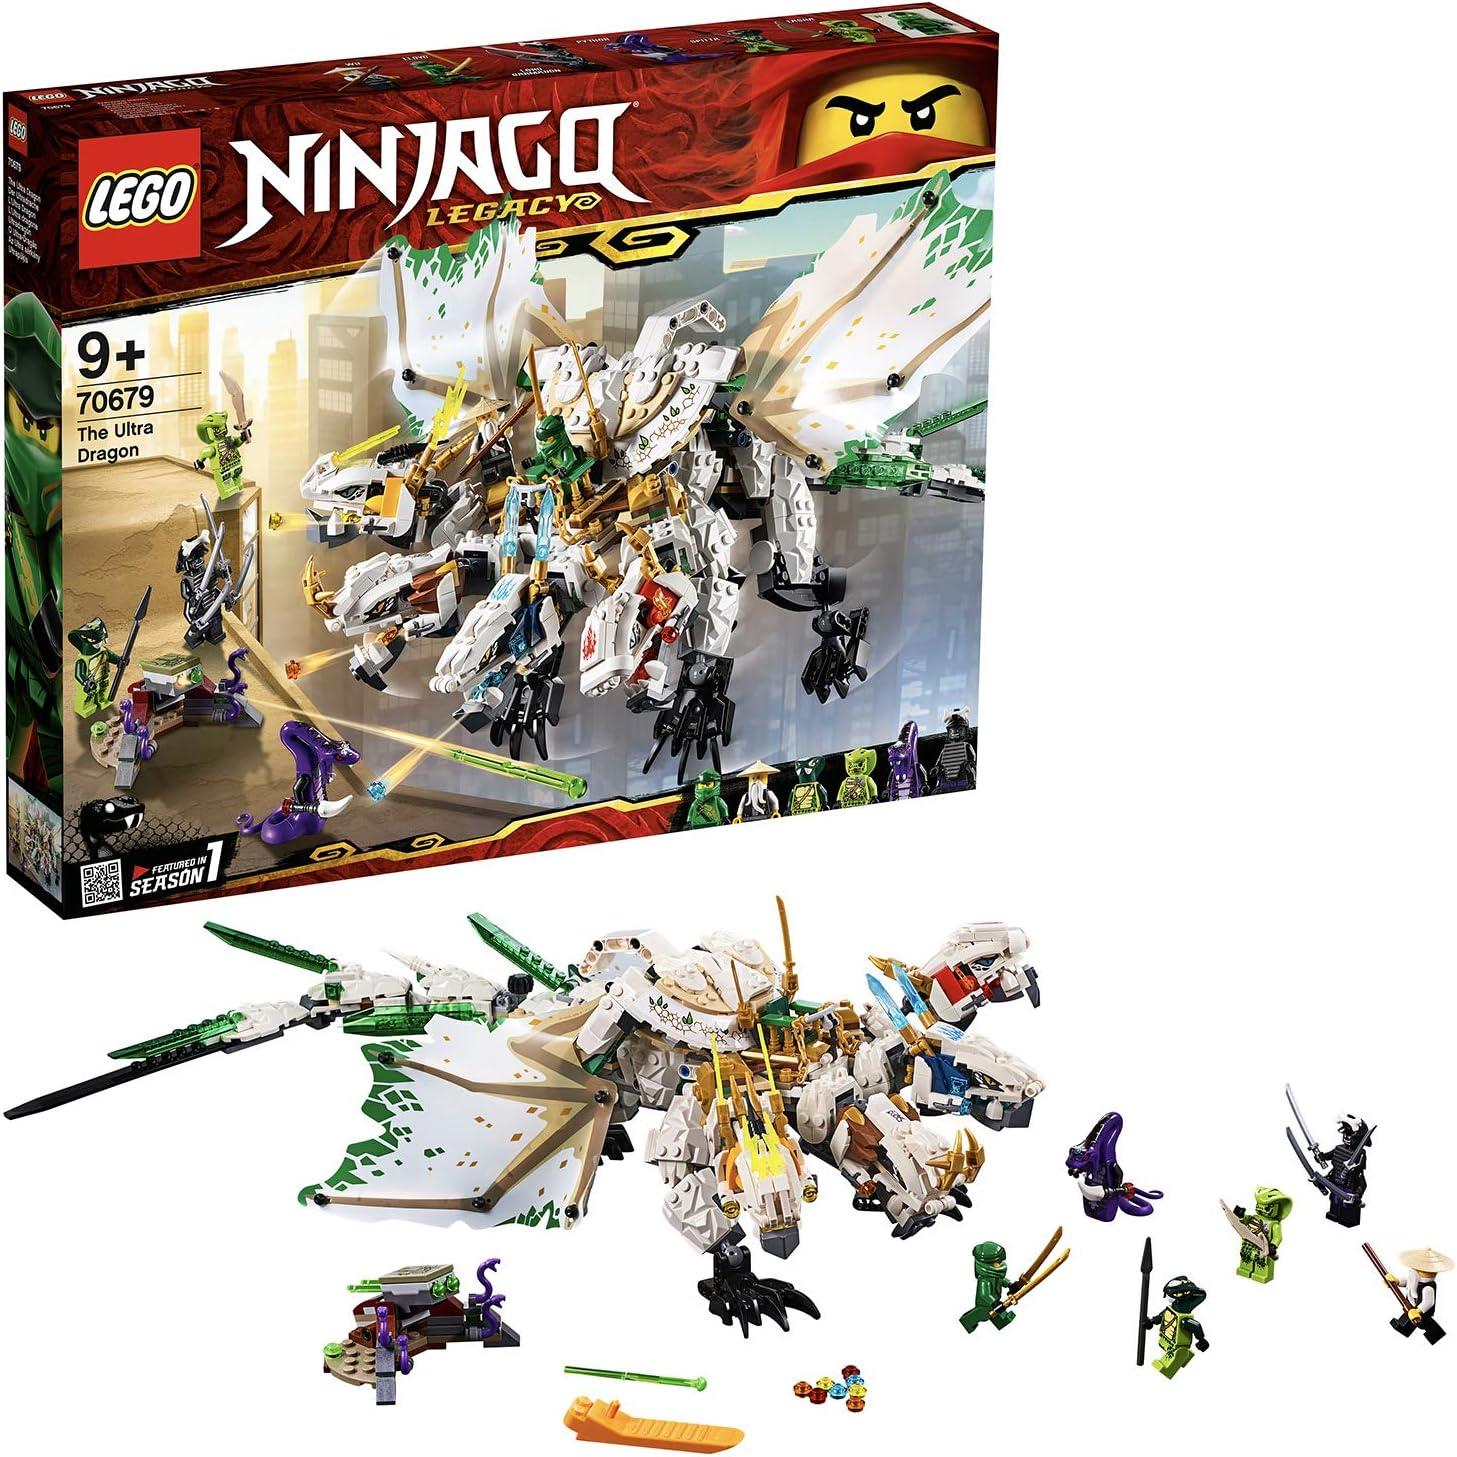 LEGO Ninjago - Ultradragón, increíble dragón de juguete con 4 cabezas, incluye varias minifiguras de ninjas (70679)